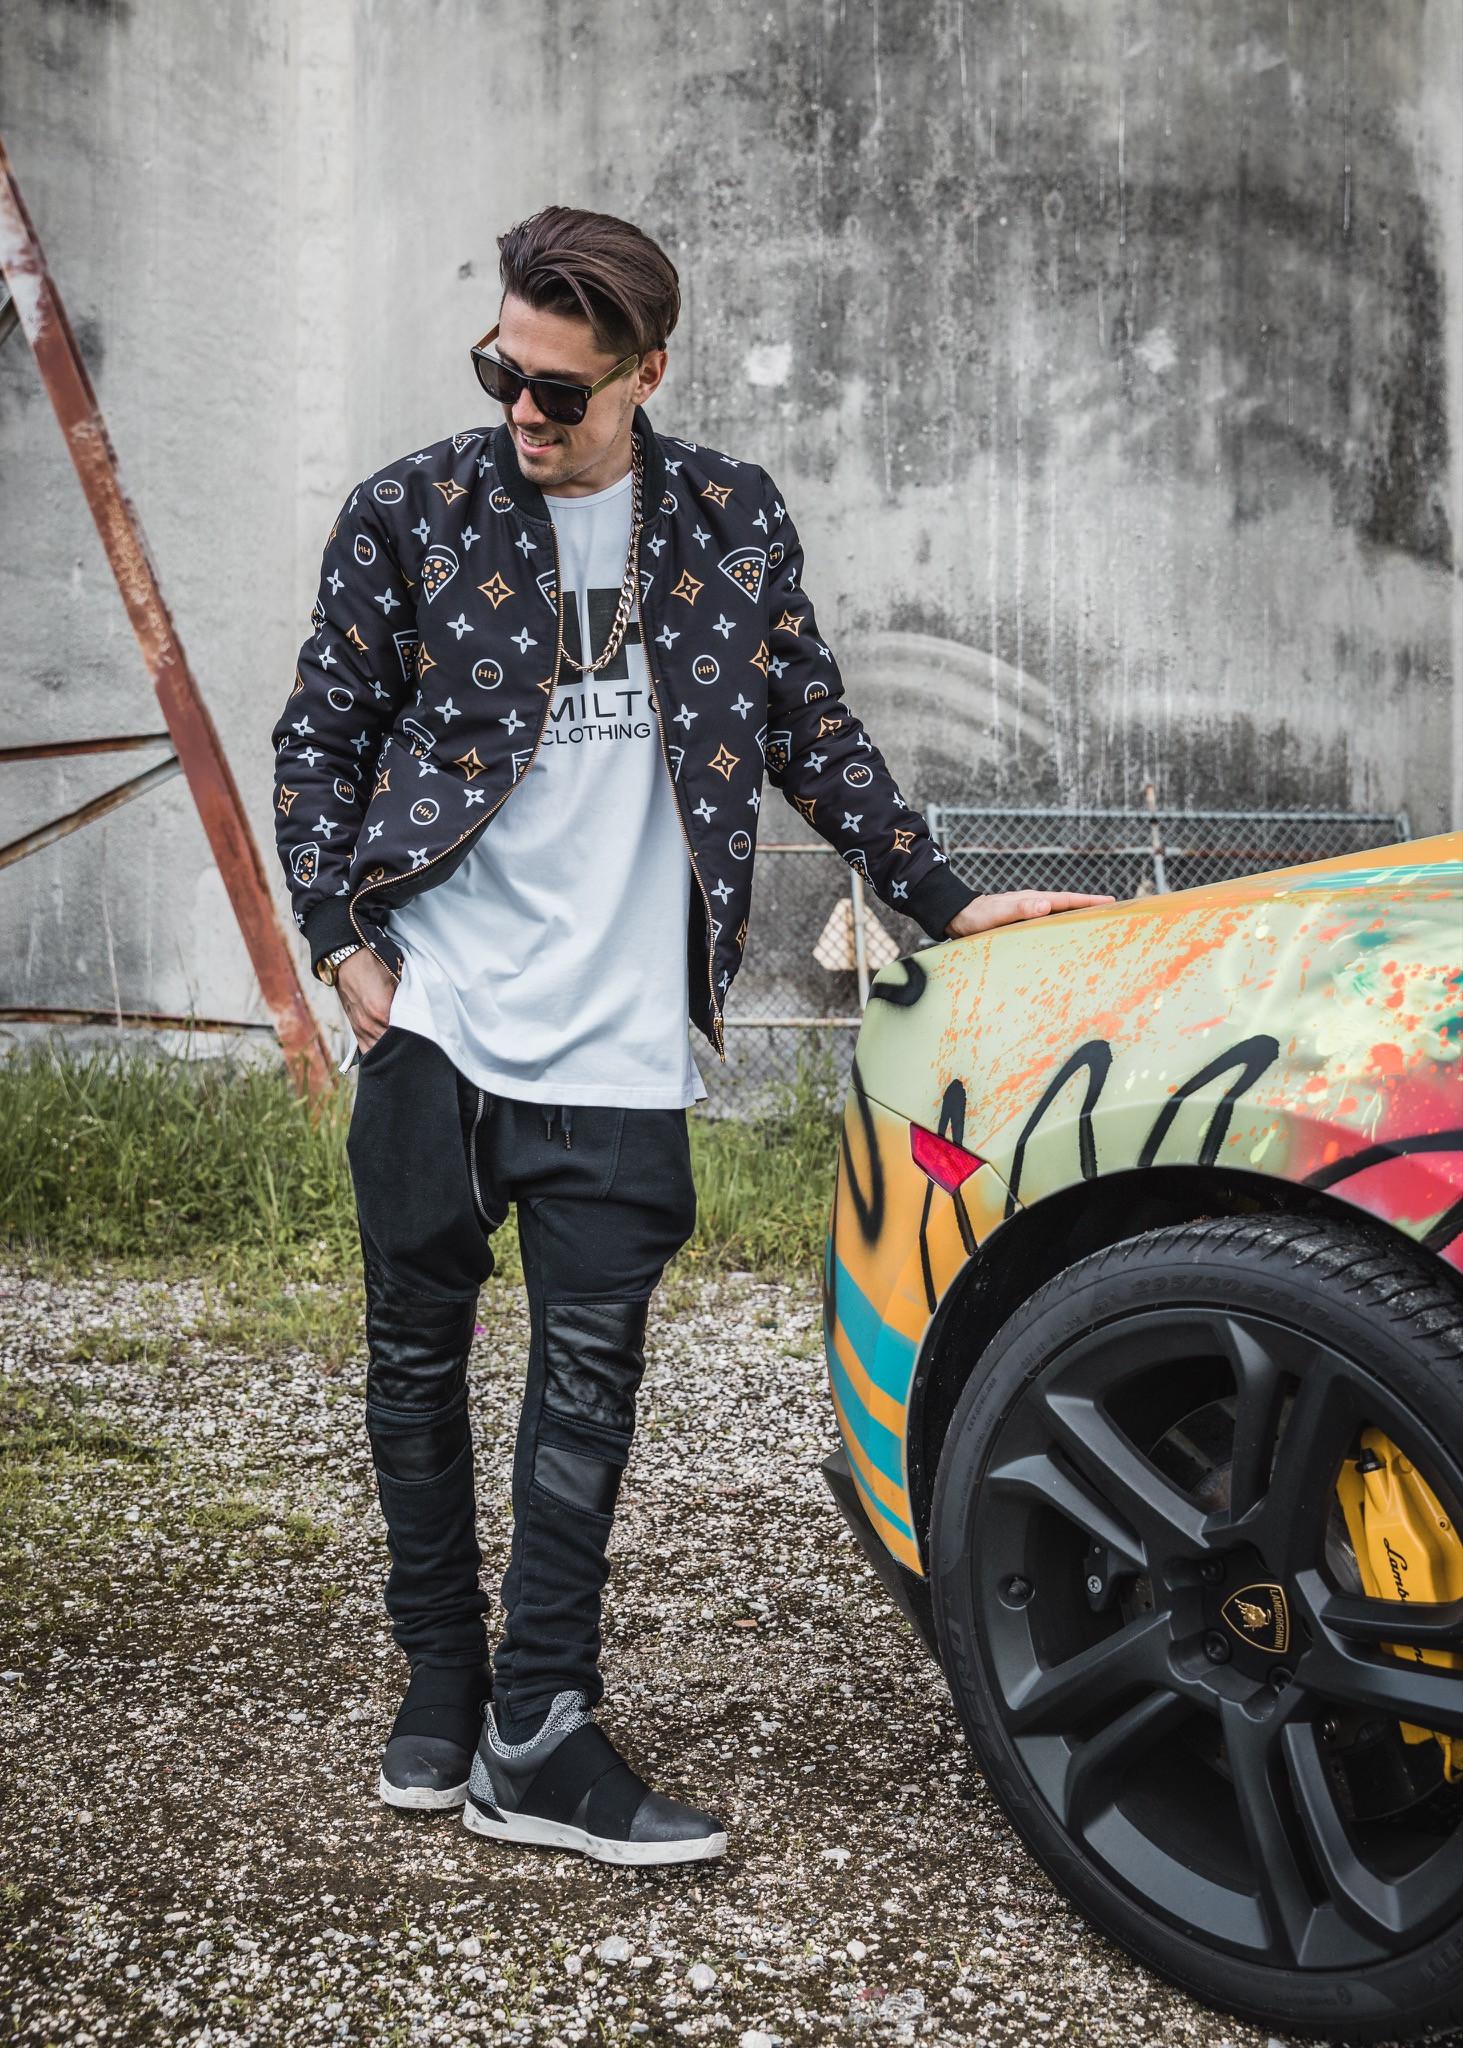 Hollywood Hamilton clothing bomber jacket and custom lamborghini